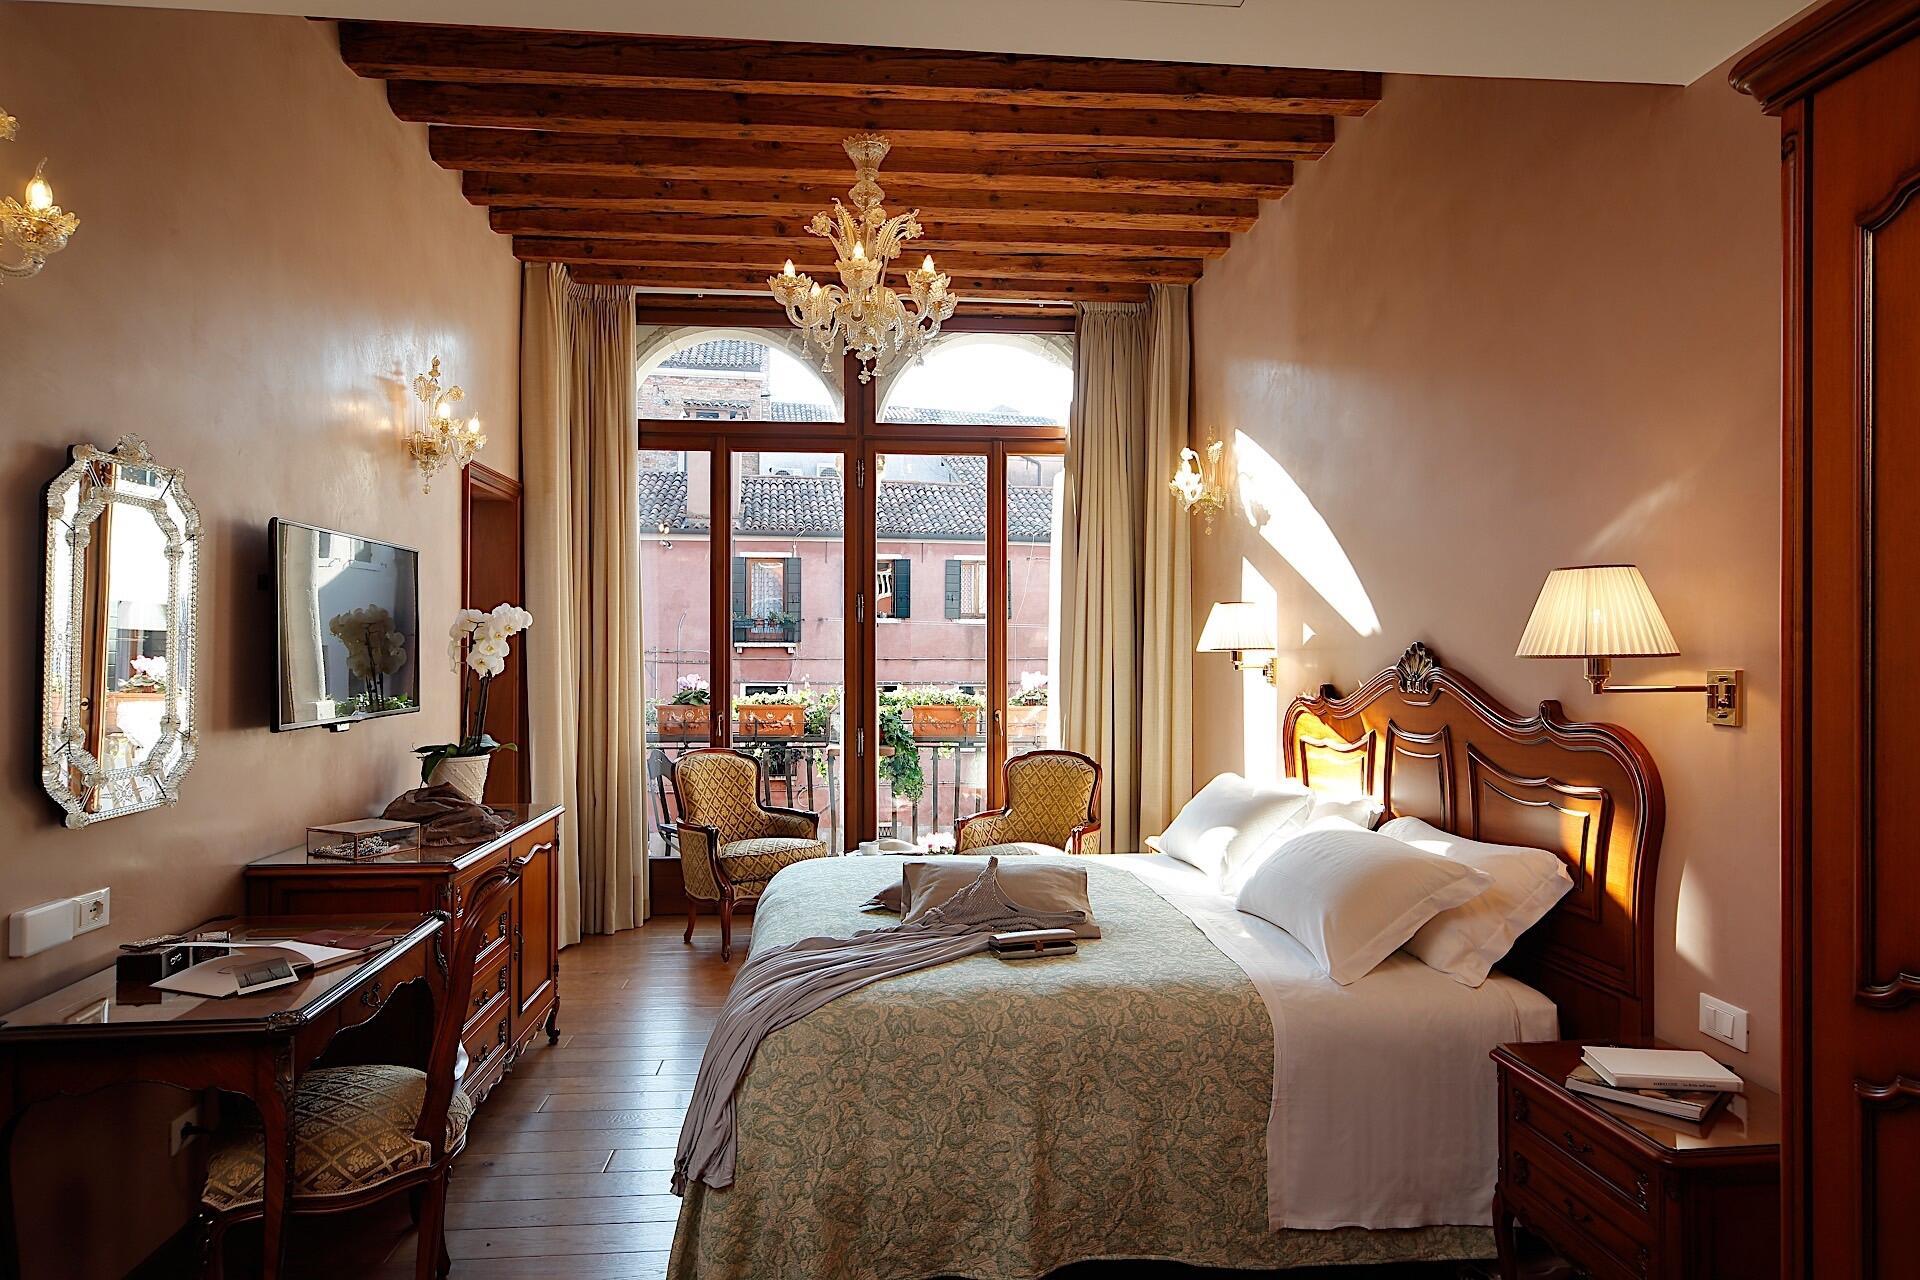 Superior room at Hotel Bisanzio in Venice, Italy